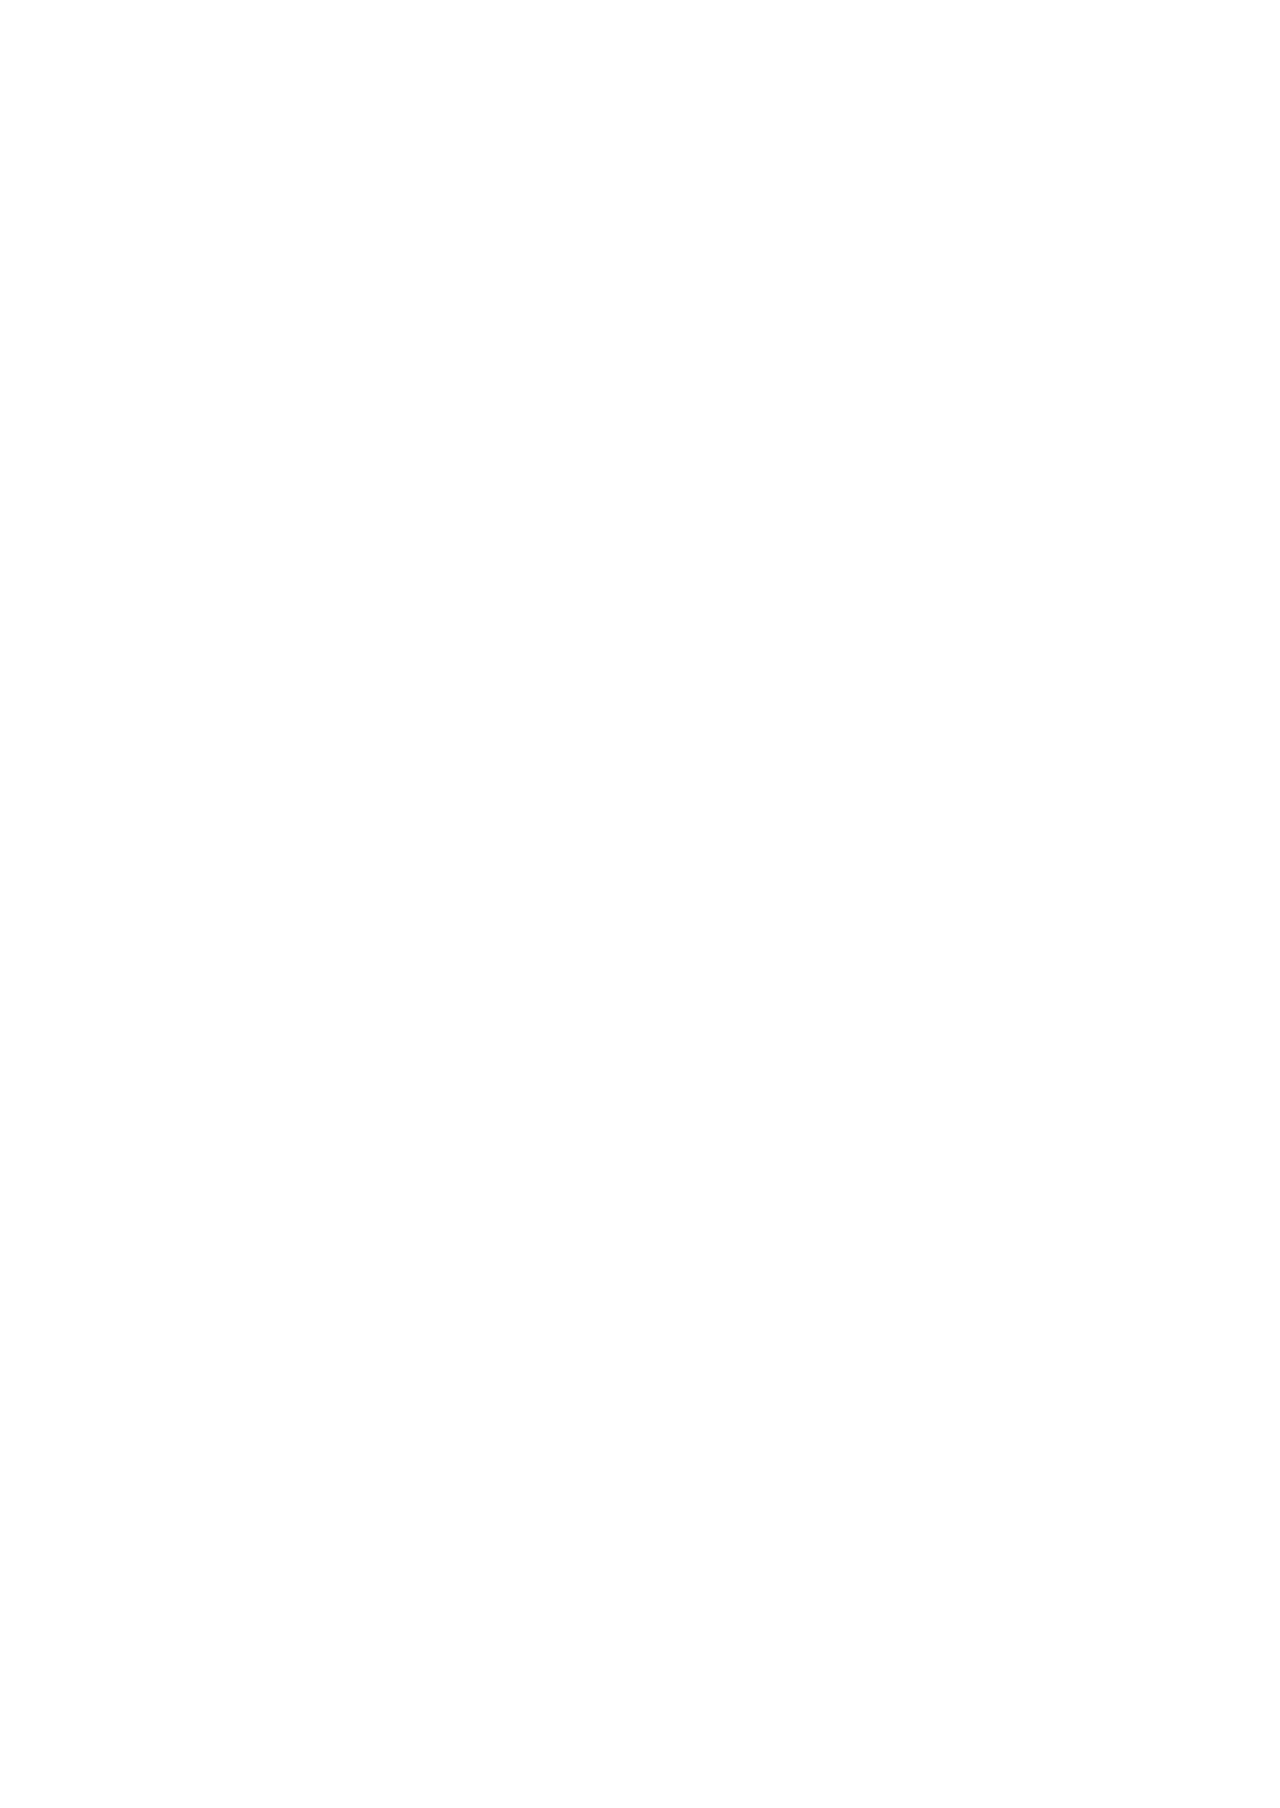 [Tamatsuyada, Satou Kimiatsu] Energy Kyo-ka!! ~Bakunyuu JK. Gachi Zeme Hatsujou Chuu!~ Omata de Nukarete Okuchi de Gokugoku? Yuujou to Fukujuu no Semen Gourmet Match!? 2